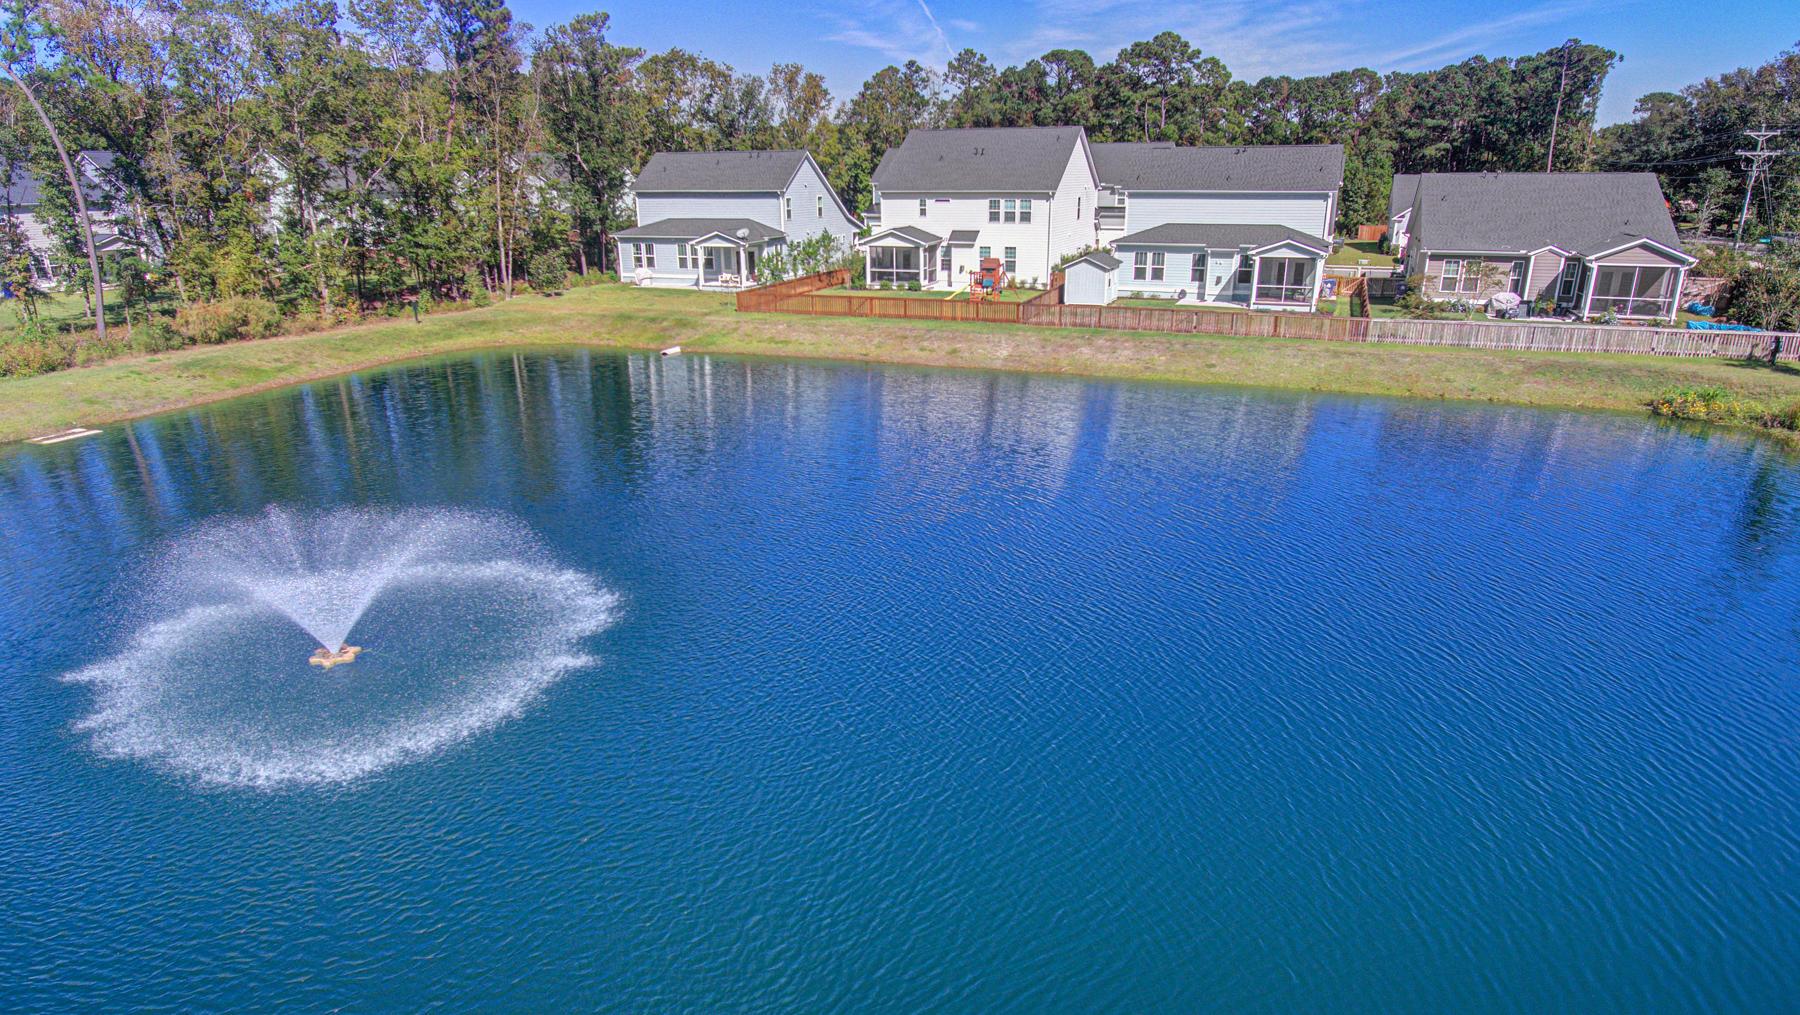 Magnolia Village Homes For Sale - 1309 Enfield, Mount Pleasant, SC - 2